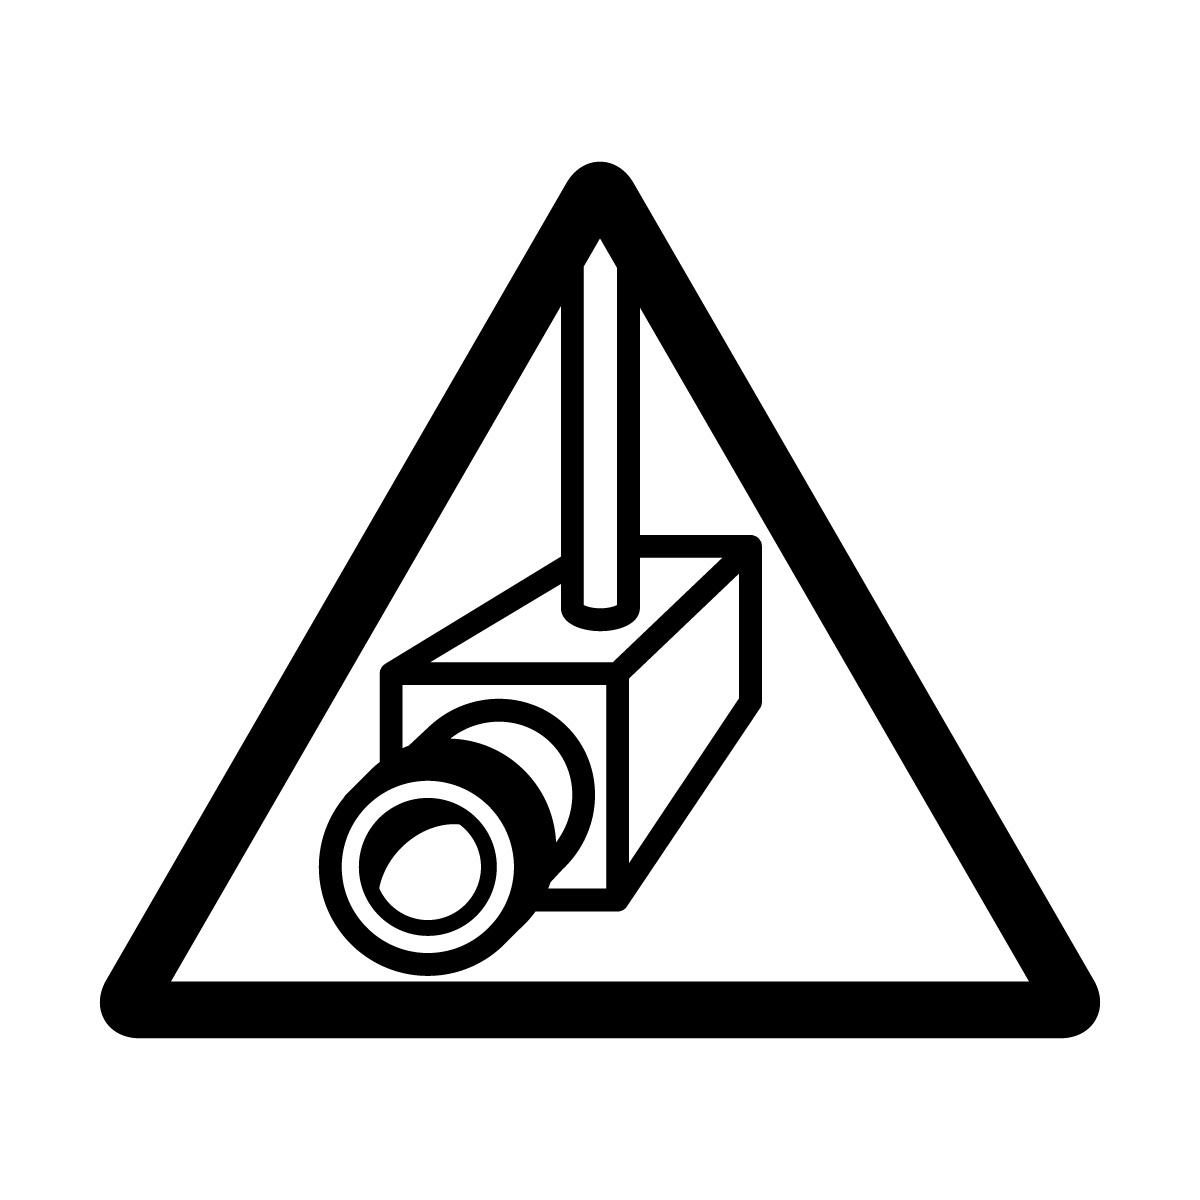 黒い防犯カメラ・盗難抑止の注意マーク